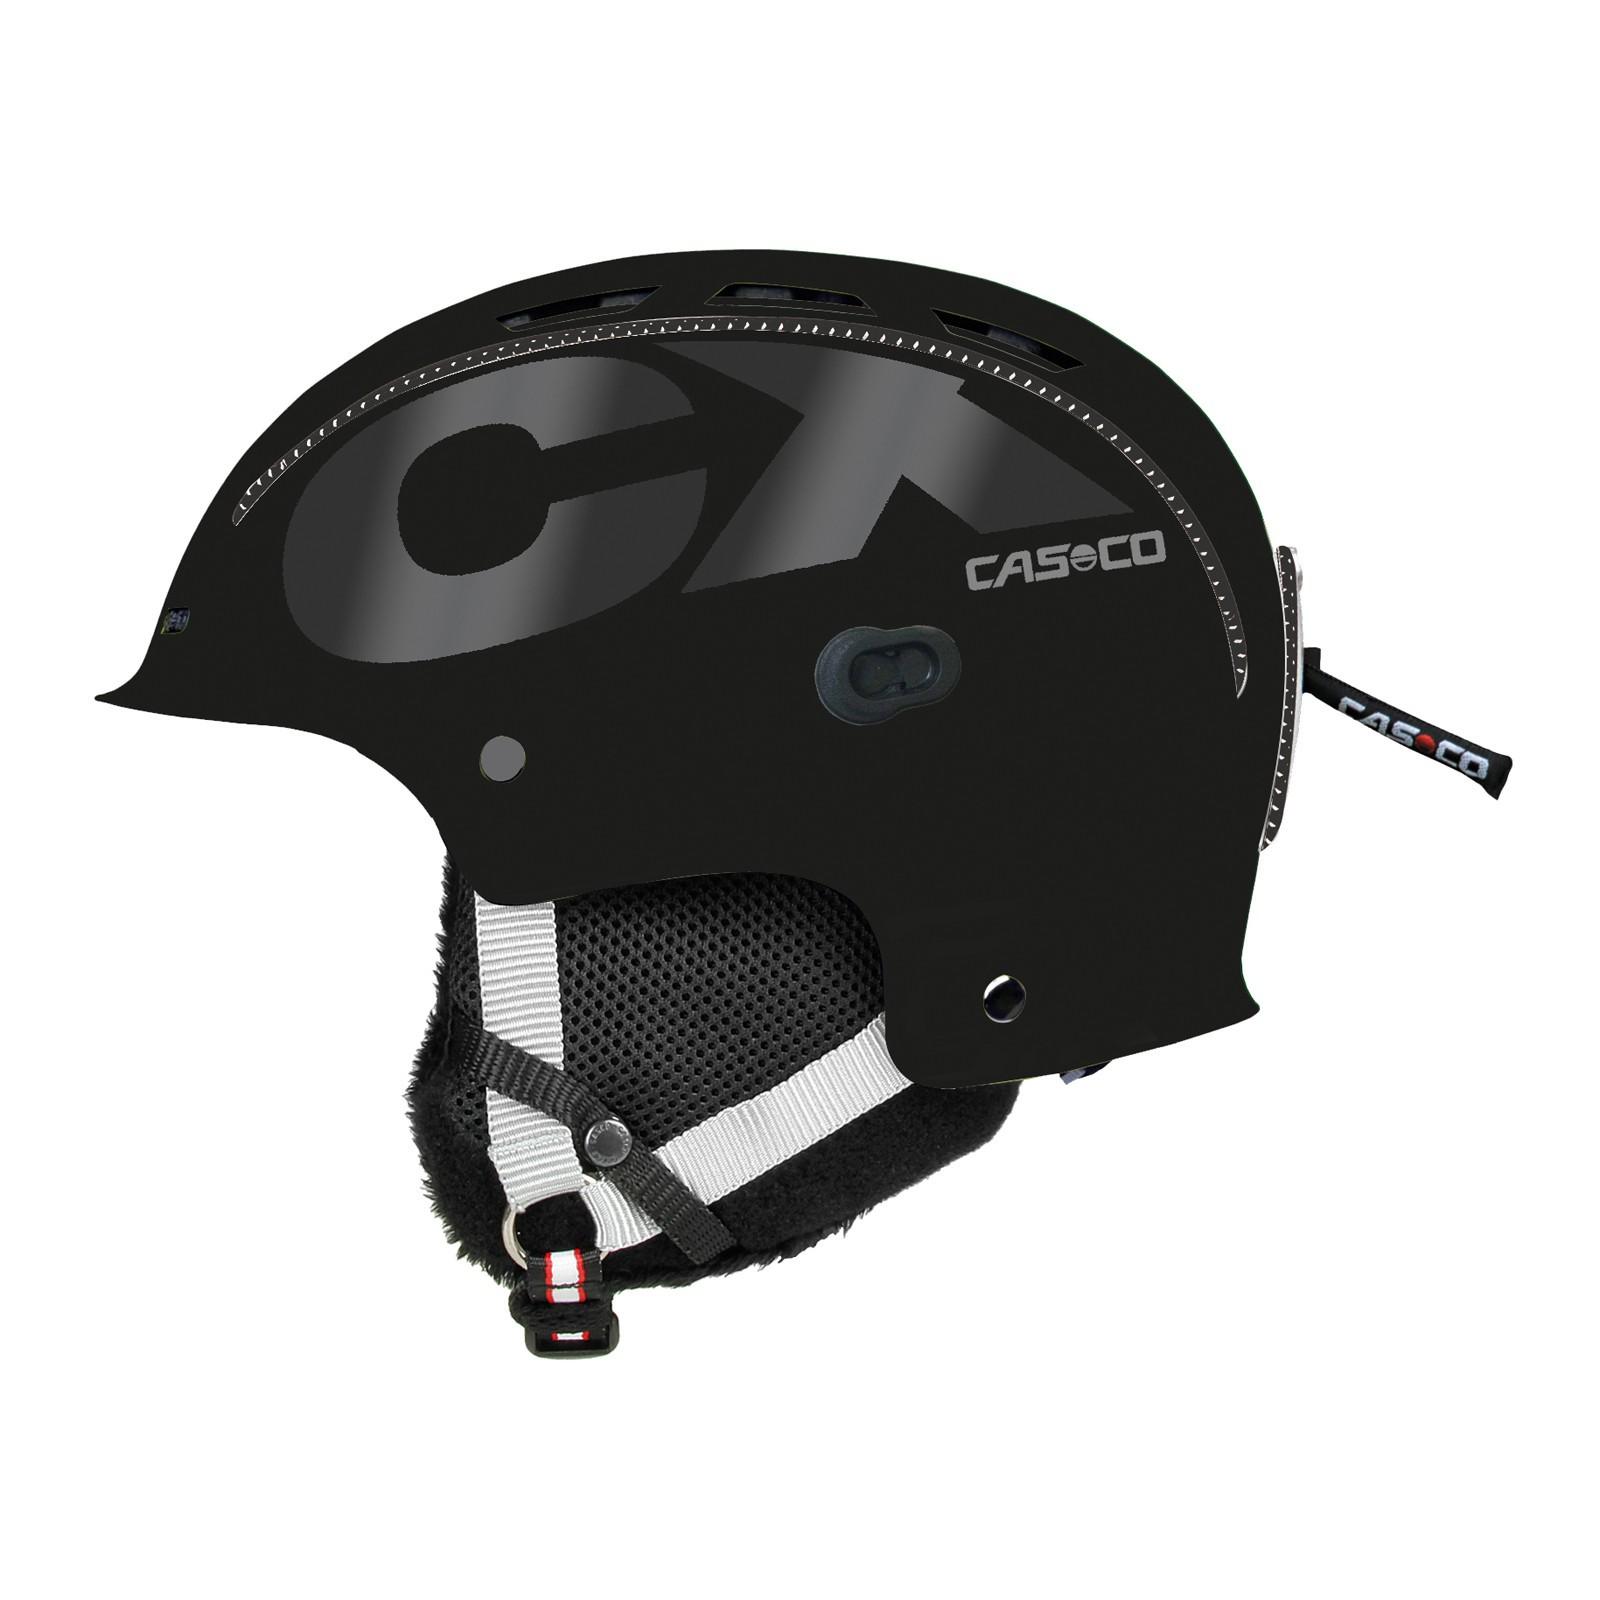 Afbeelding van Casco CX 3 Icecube Helm Black